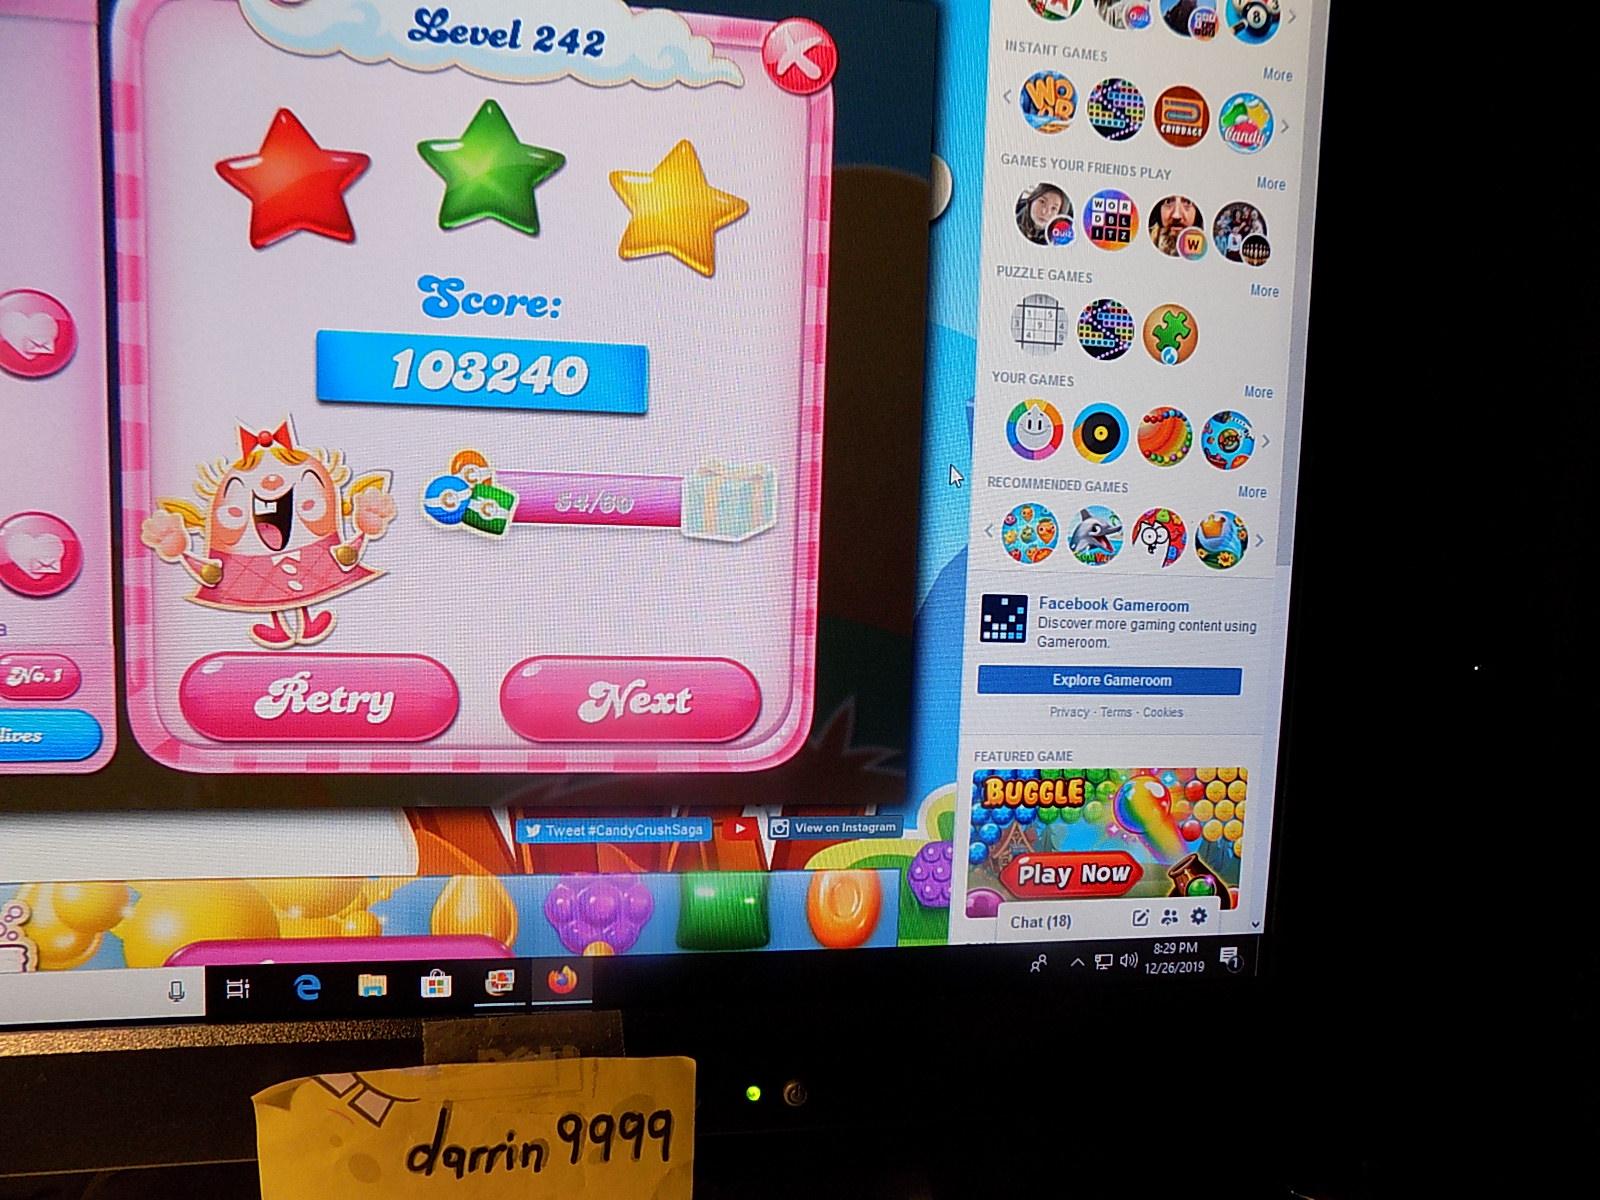 darrin9999: Candy Crush Saga: Level 242 (Web) 103,240 points on 2019-12-29 06:28:01